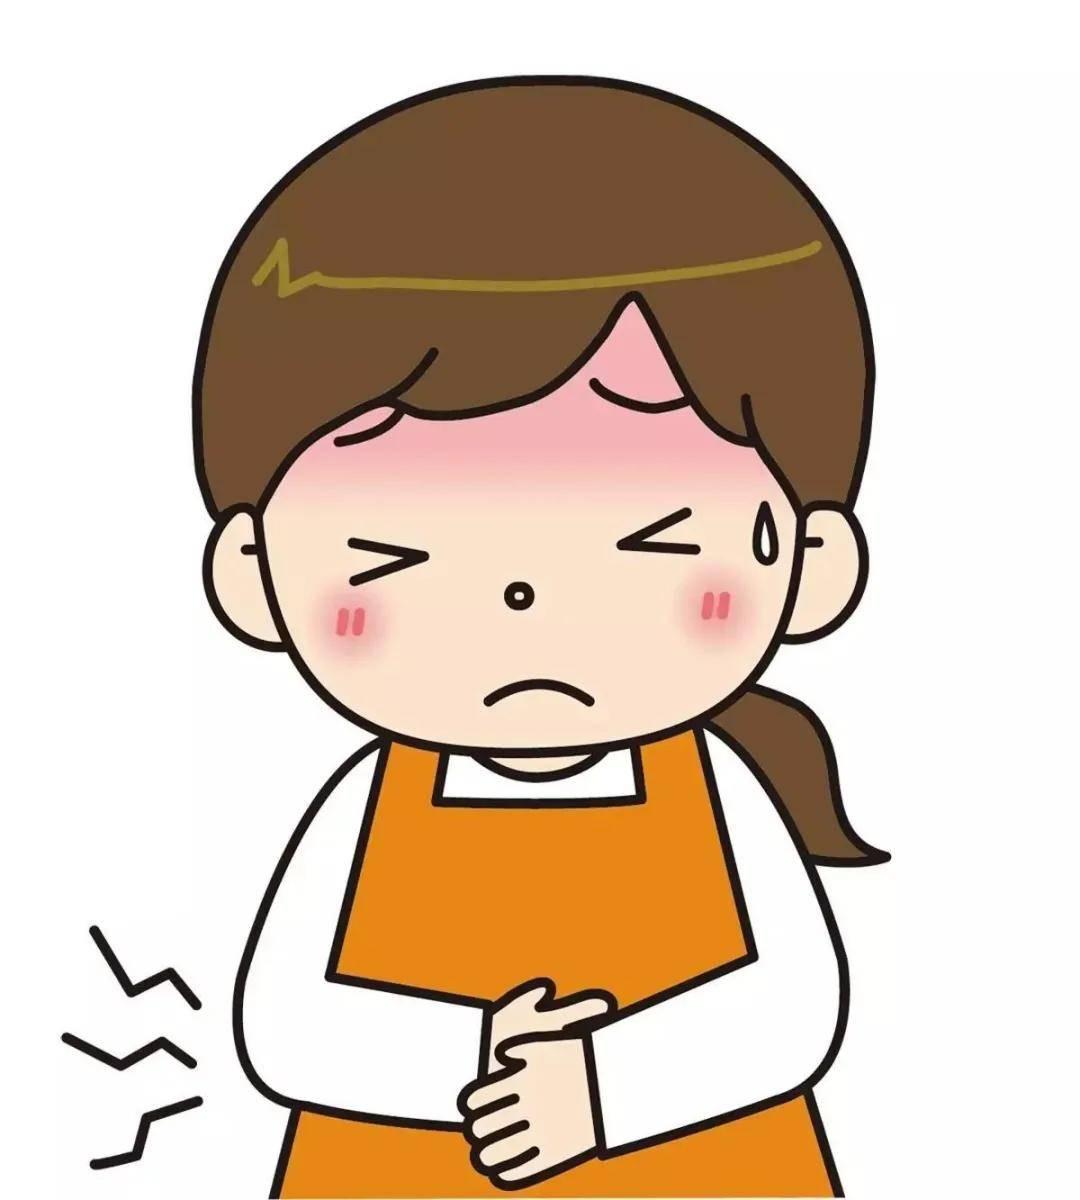 胃疼和肚子疼的示意图 上腹部正中间疼痛